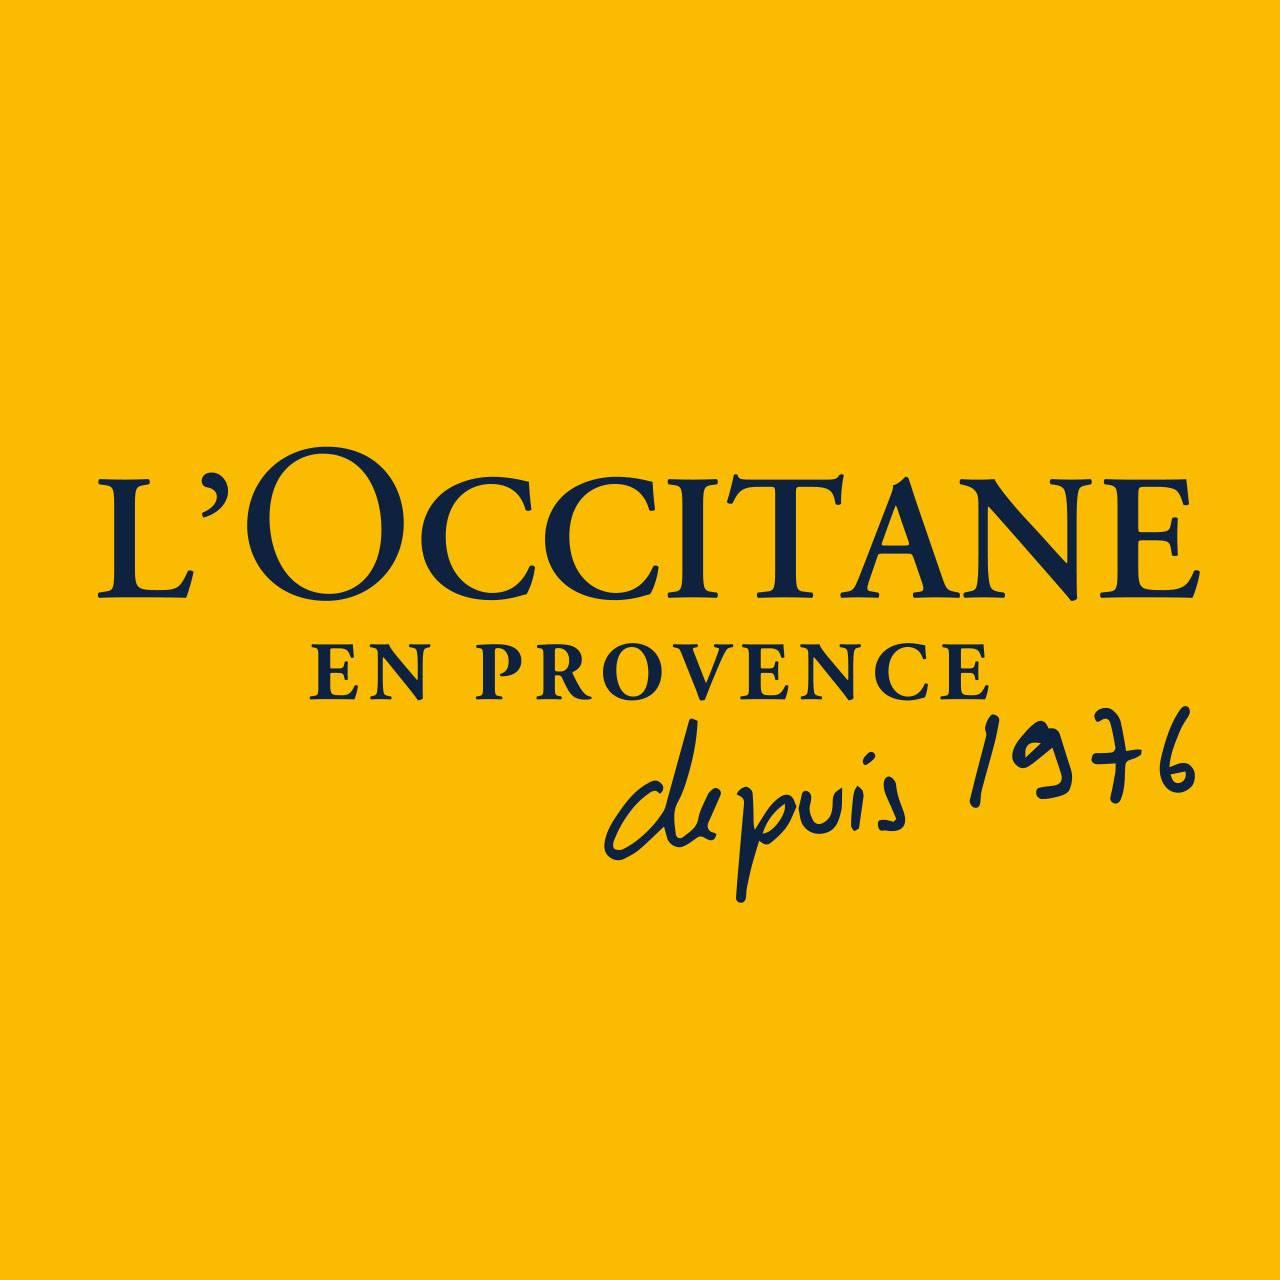 L'Occitine logo